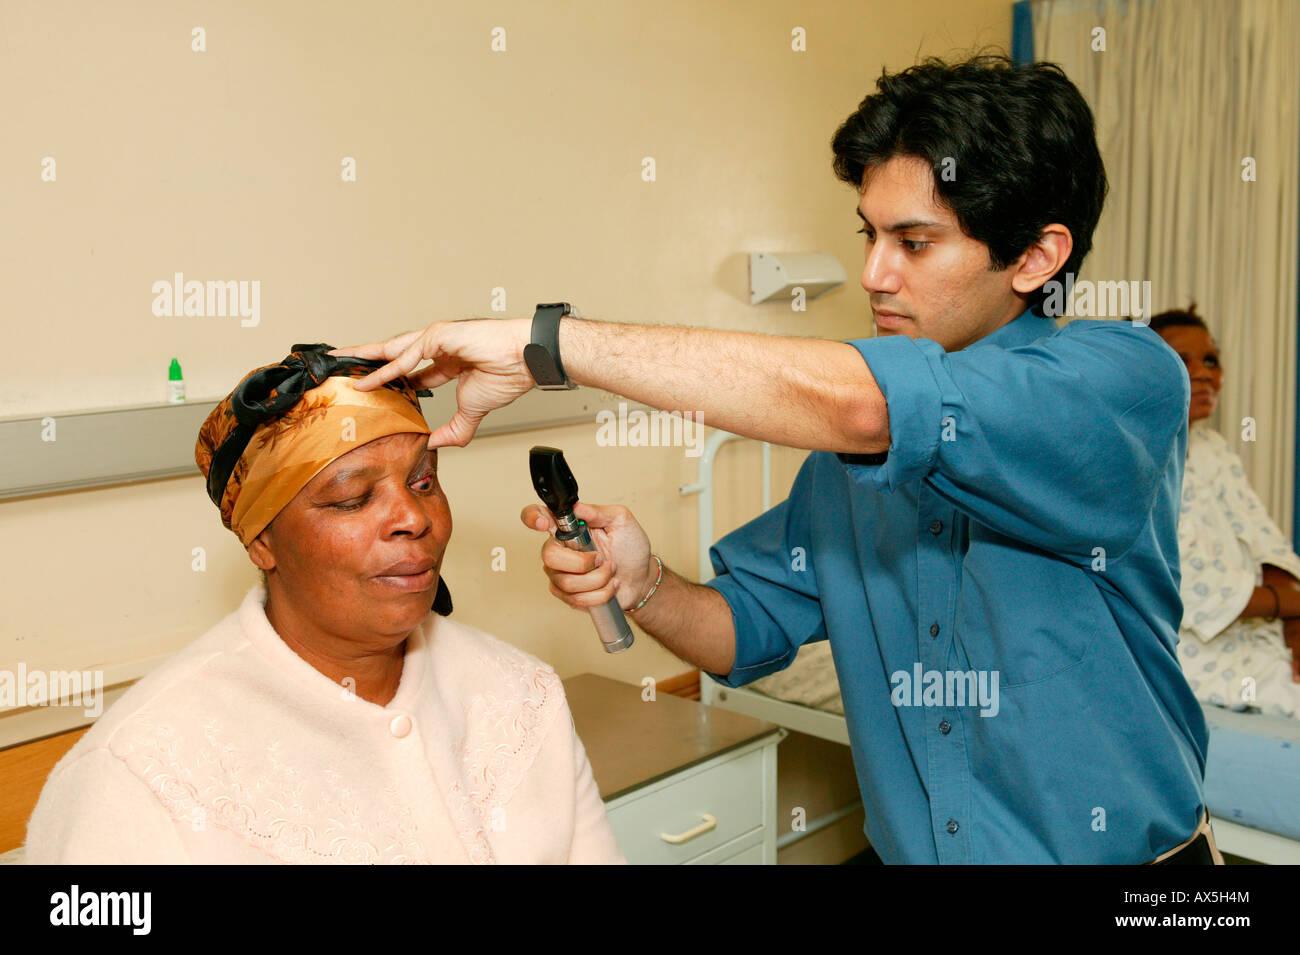 Medico e paziente durante il periodo di follow-up esame dopo chirurgia della cataratta, PIETERMARITZBURG, Sud Africa Immagini Stock